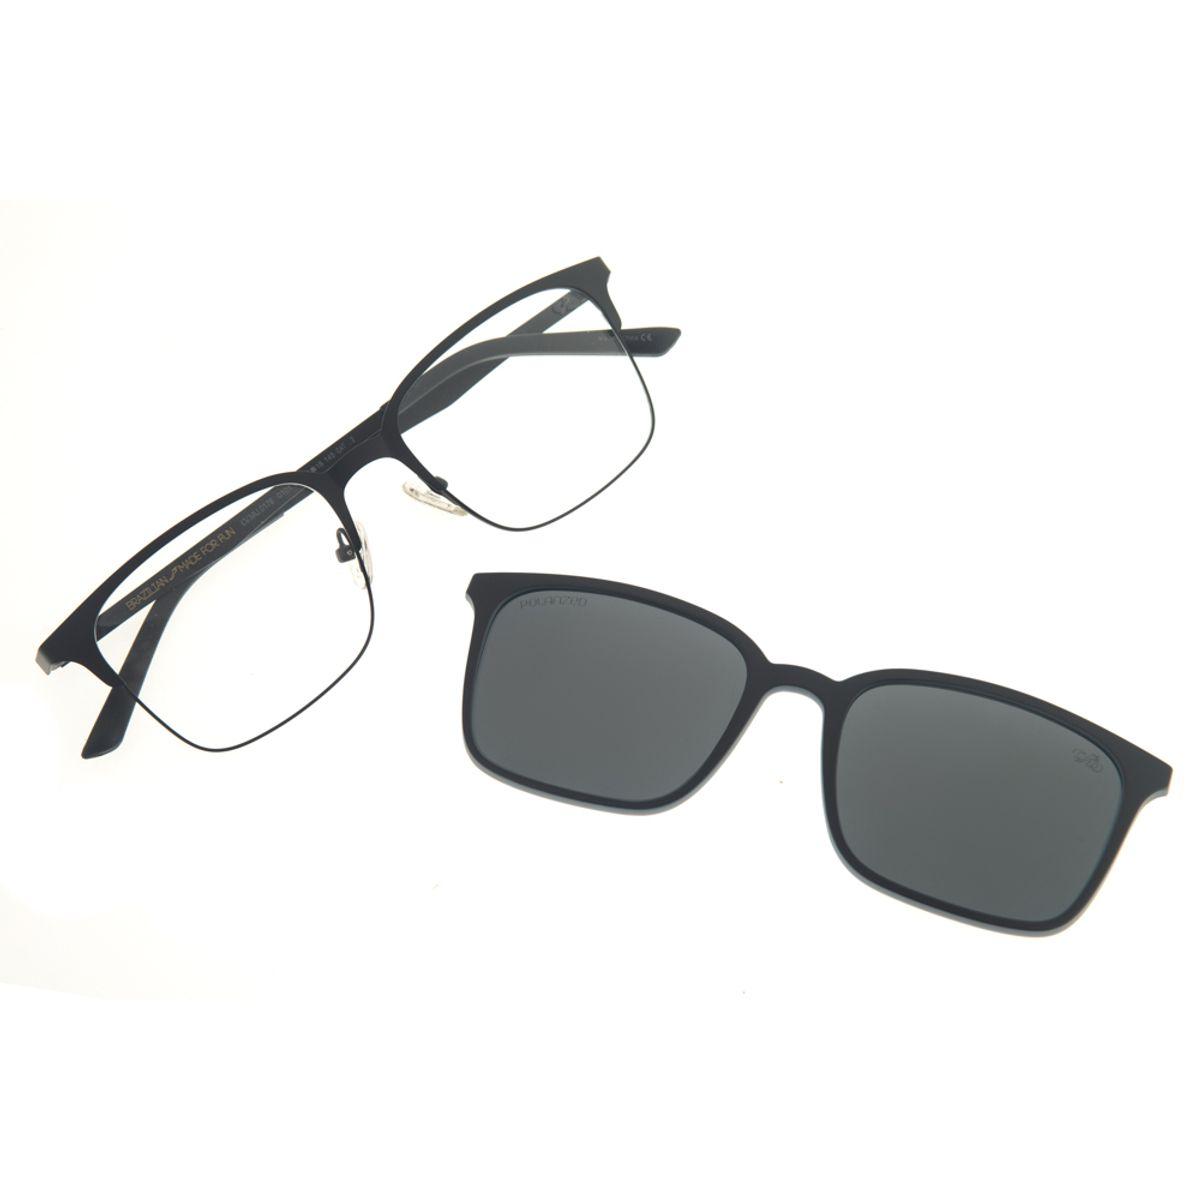 2a8d4ef68ed21 Armação para óculos de Grau Chilli Beans Multi 2 em 1 Preto ...